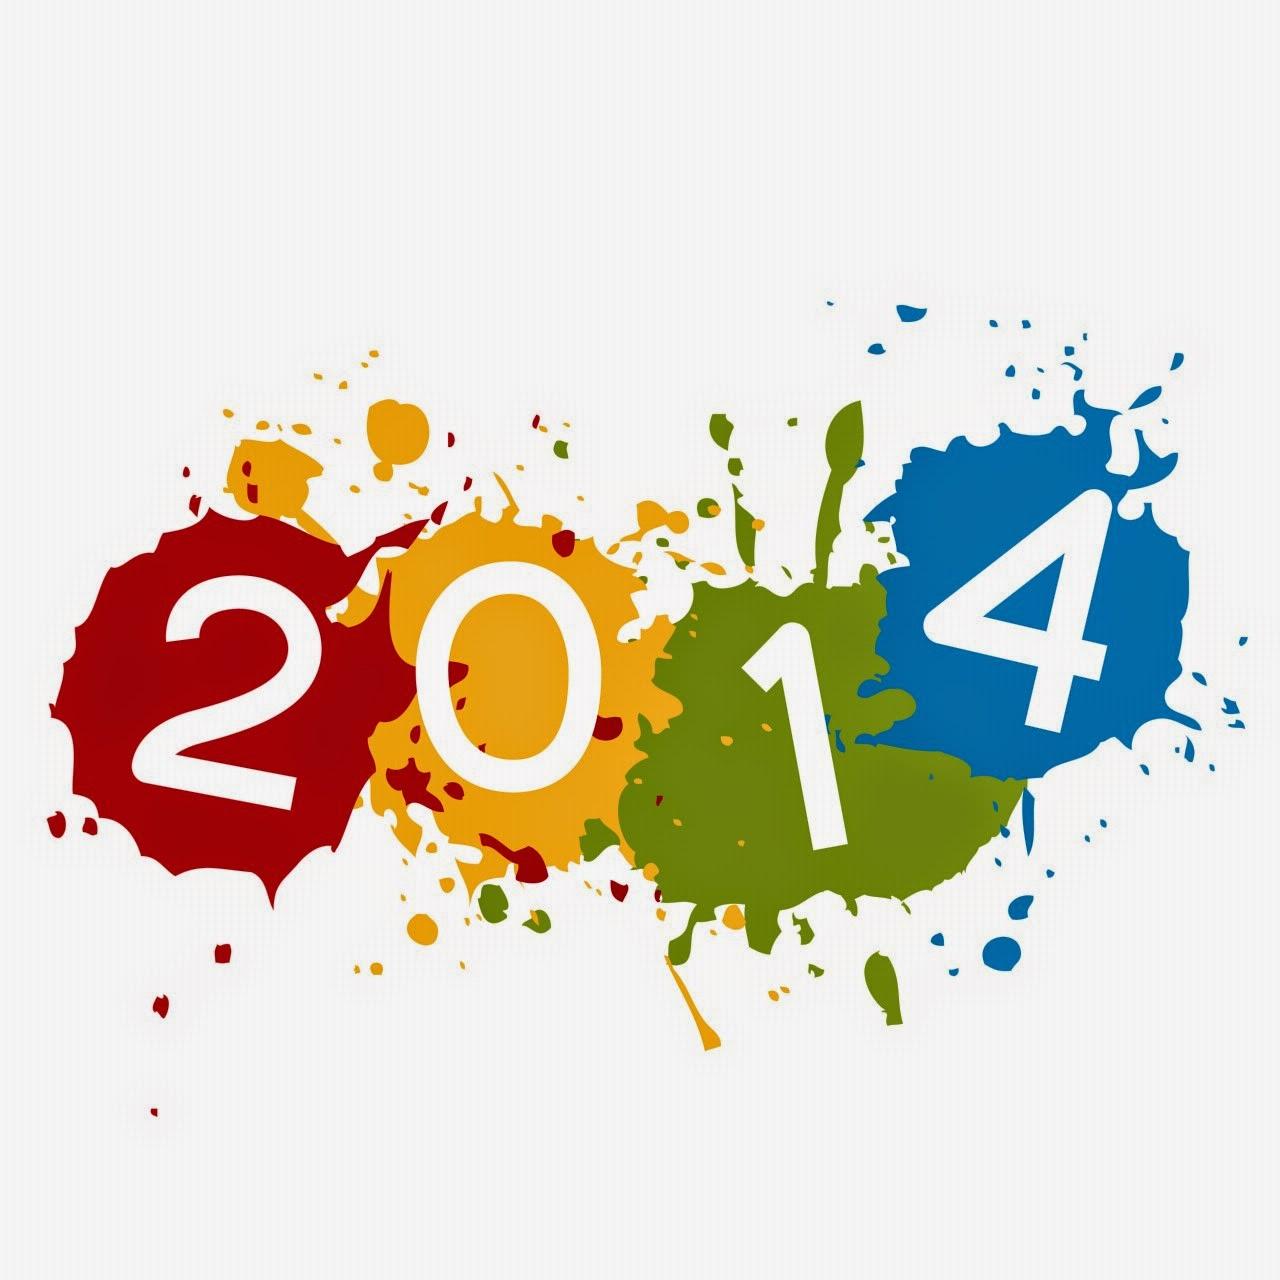 penutup2014,tahun 2014,